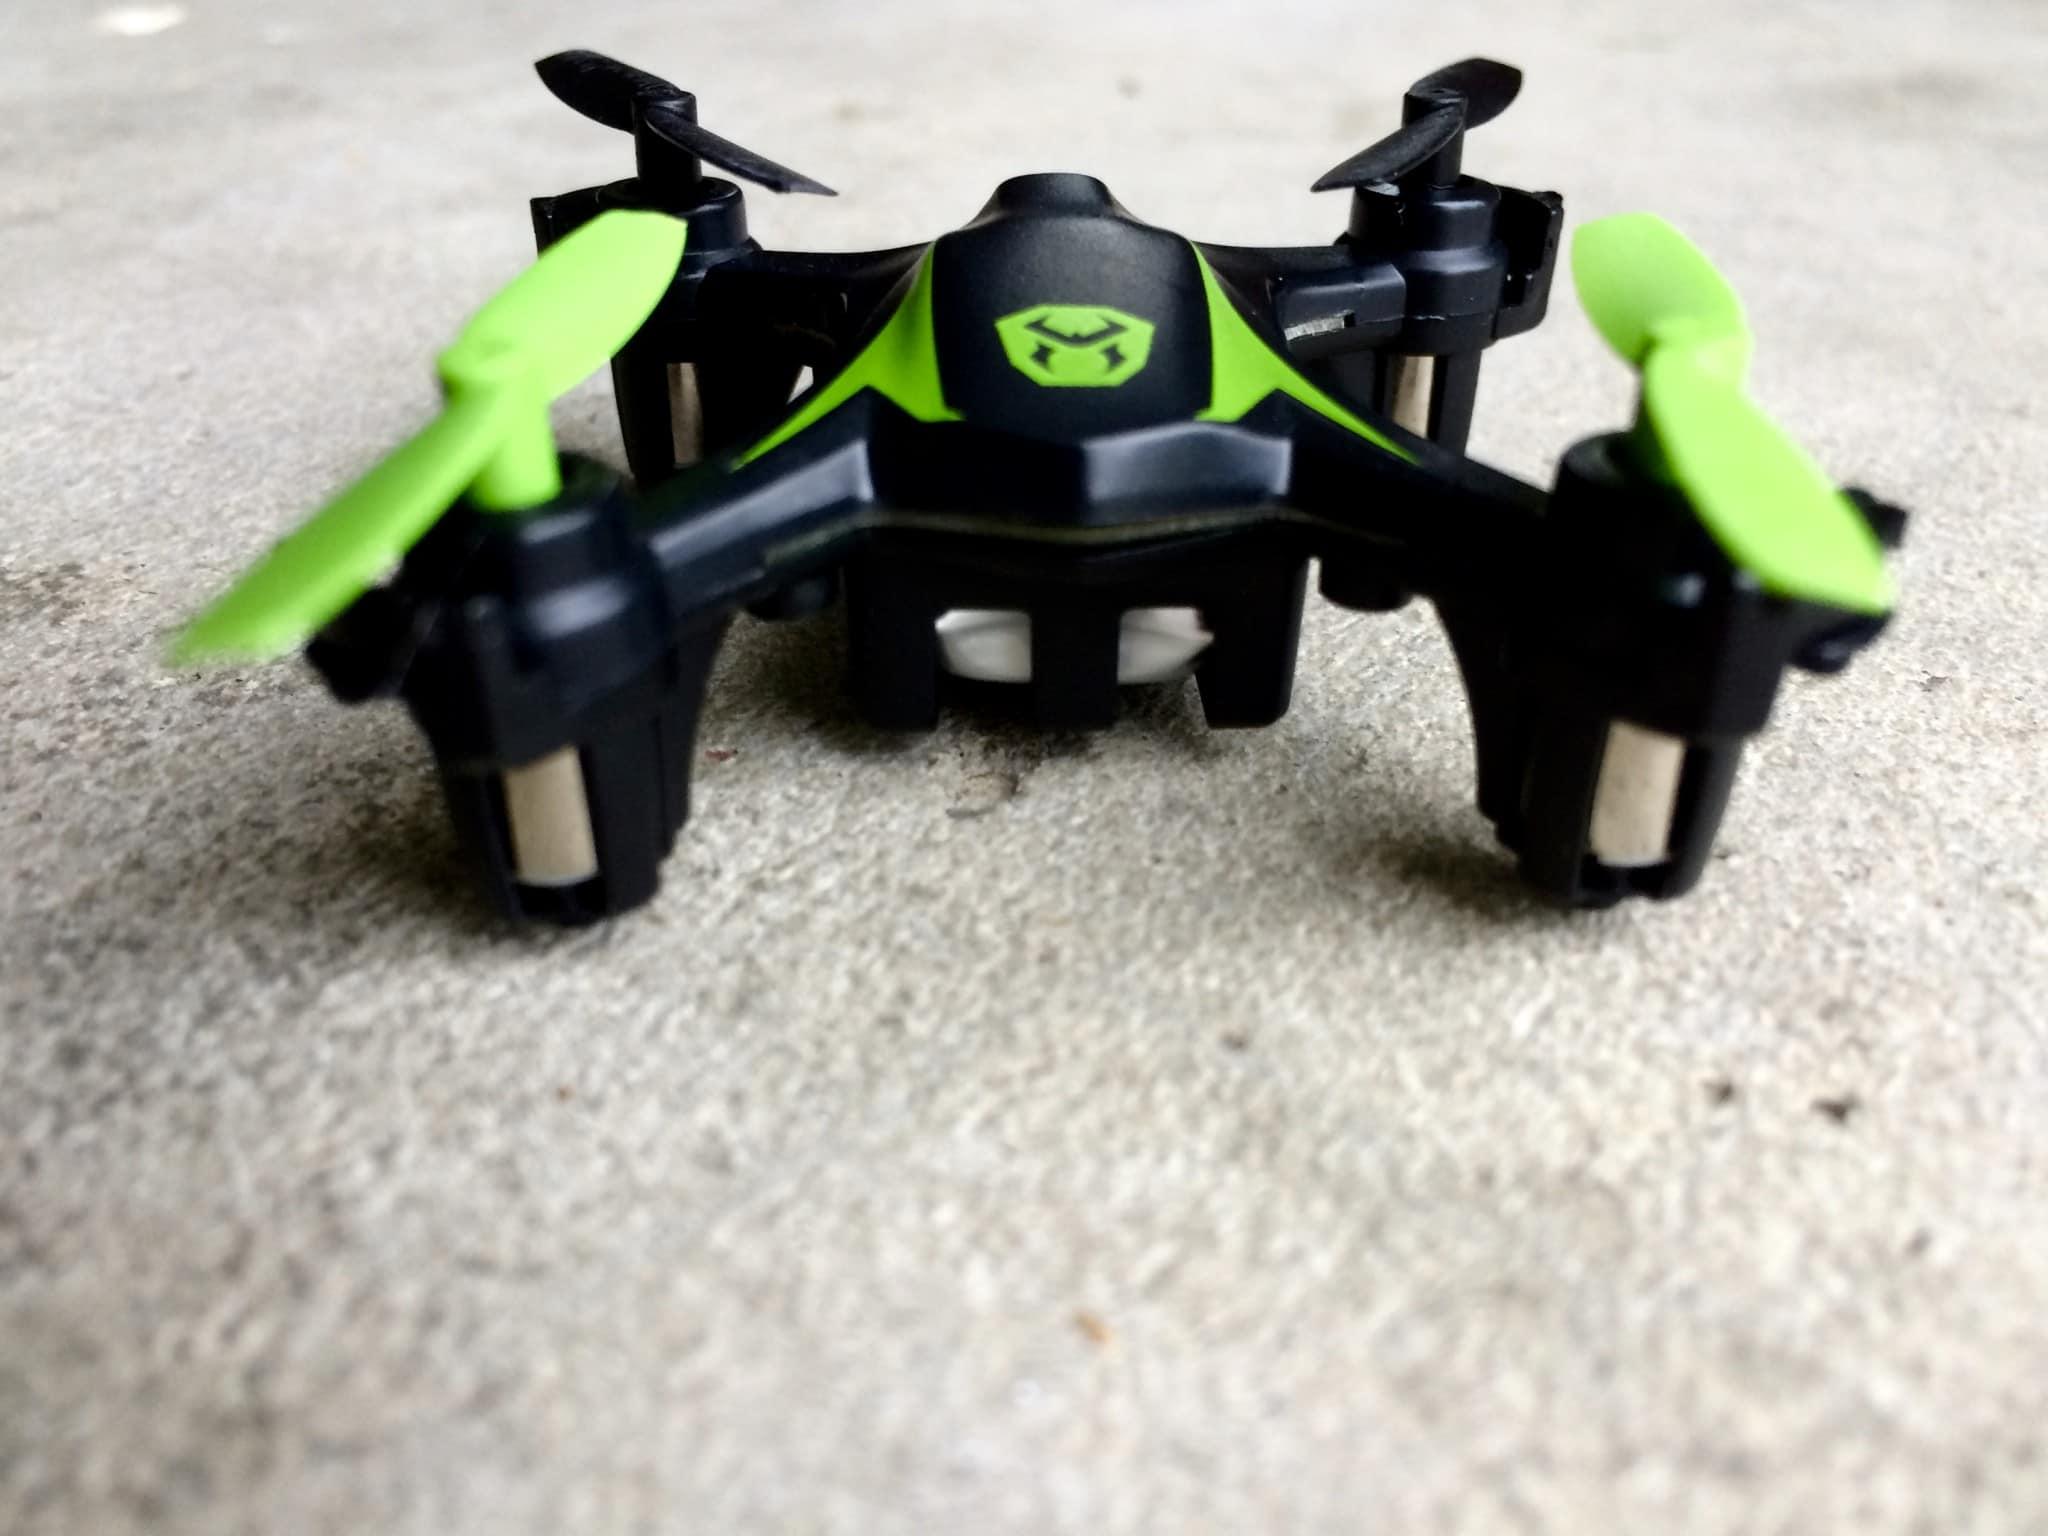 Reviewing the Sky Viper M500 Nano Drone